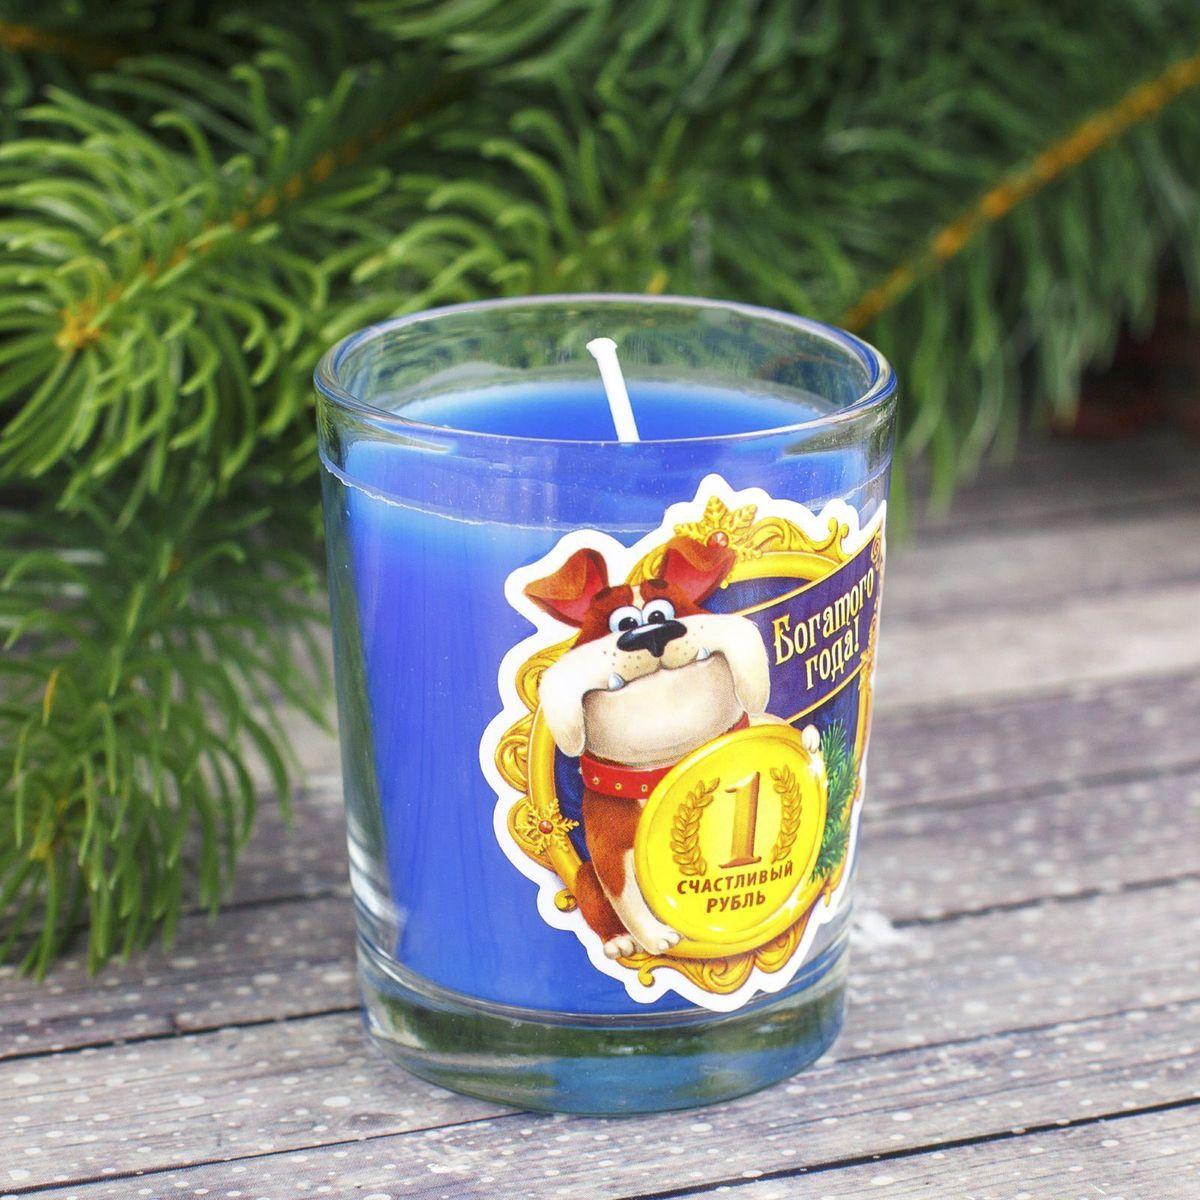 Свеча ароматизированная Sima-land Богатого года, цвет: синий, высота 6,5 см2085662Какой новогодний стол без свечей? Вместе с мандаринами, шампанским и еловыми ветвями они создадут сказочную атмосферу, а их притягательное пламя подарит ощущение уюта и тепла. А еще это отличная идея для подарка! Свеча ароматизированная в стакане Sima-land оградит от невзгод и поможет во всех начинаниях в будущем году. Каждому хозяину периодически приходит мысль обновить свою квартиру, сделать ремонт, перестановку или кардинально поменять внешний вид каждой комнаты. Свеча ароматизированная в стакане Sima-land - привлекательная деталь, которая поможет воплотить вашу интерьерную идею, создать неповторимую атмосферу в вашем доме. Окружите себя приятными мелочами, пусть они радуют глаз и дарят гармонию. Ароматизированная свеча Sima-land несет в себе волшебство и красоту праздника. Такое украшение создаст в вашем доме атмосферу праздника, веселья и радости.